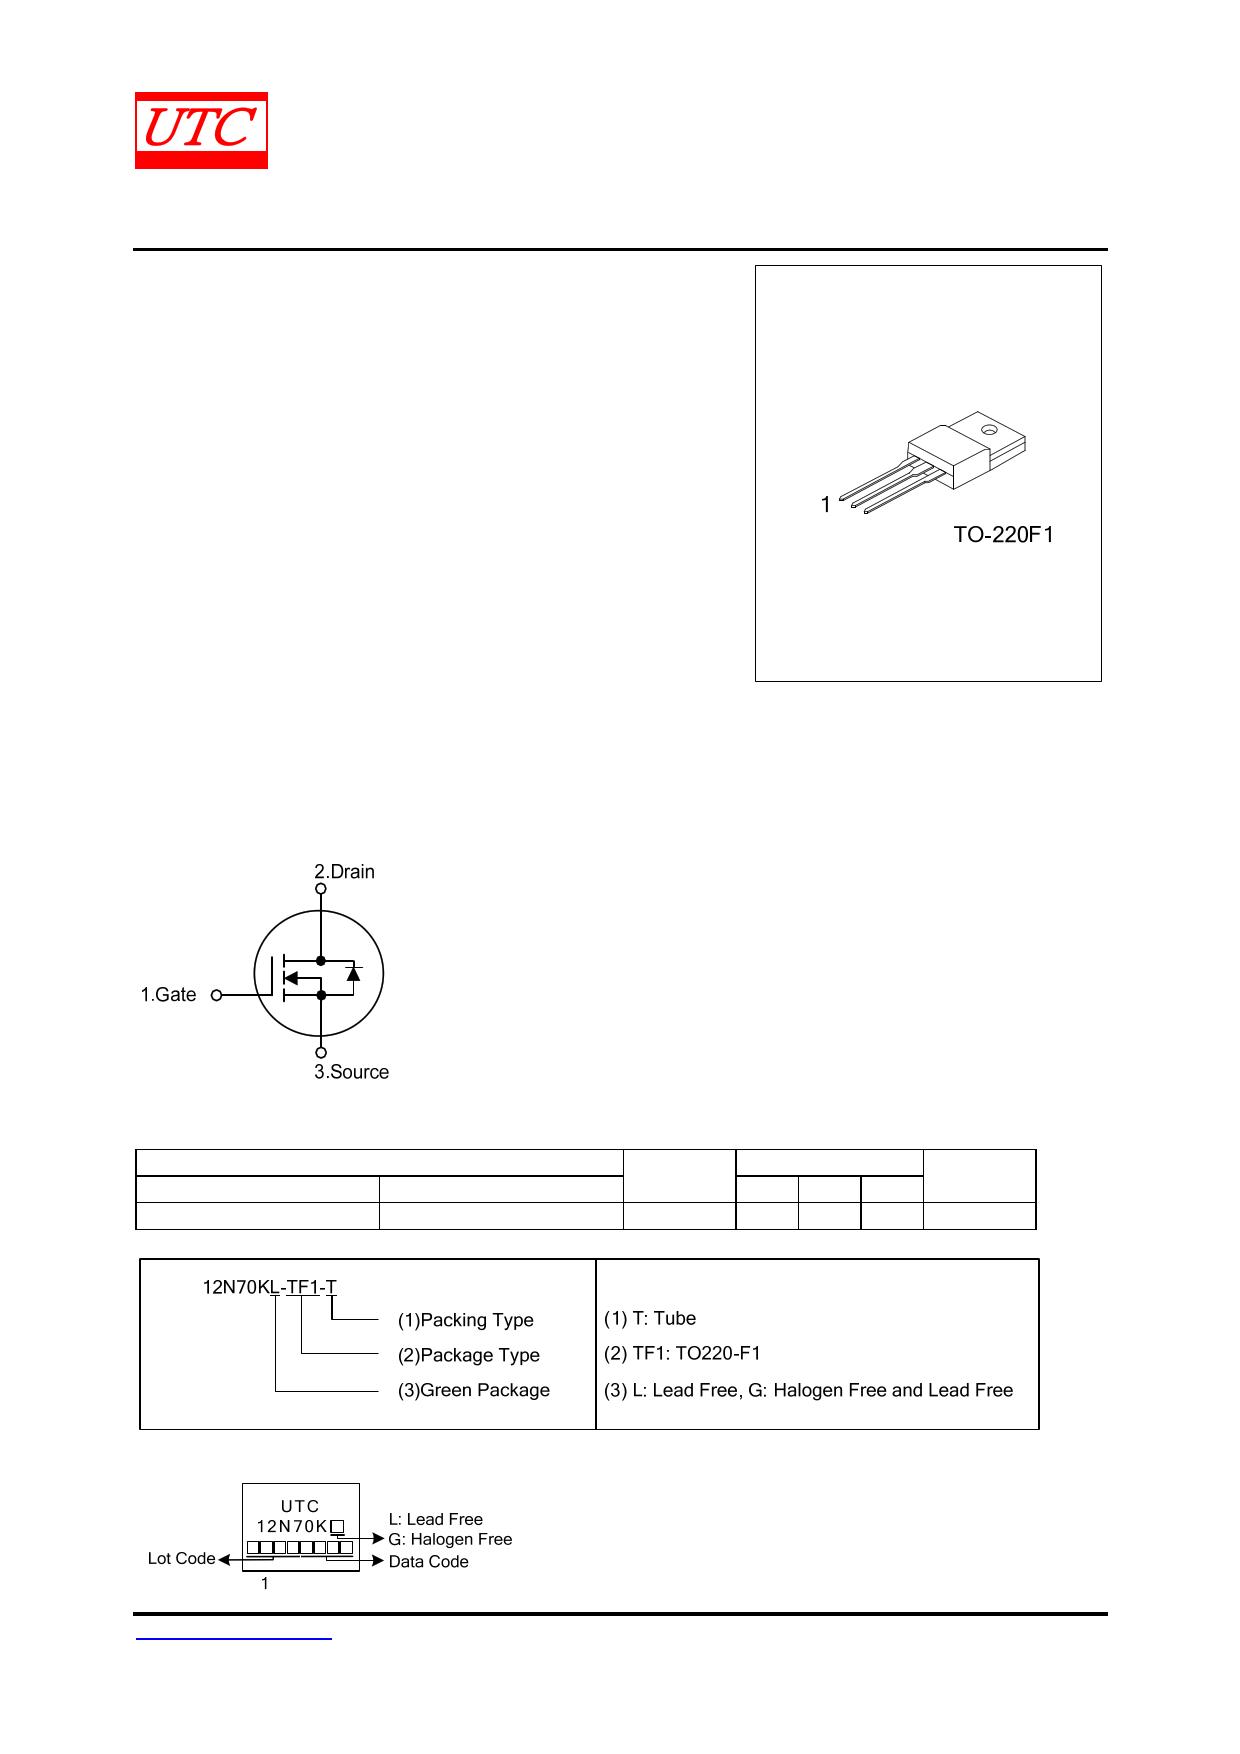 12N70K-MT datasheet